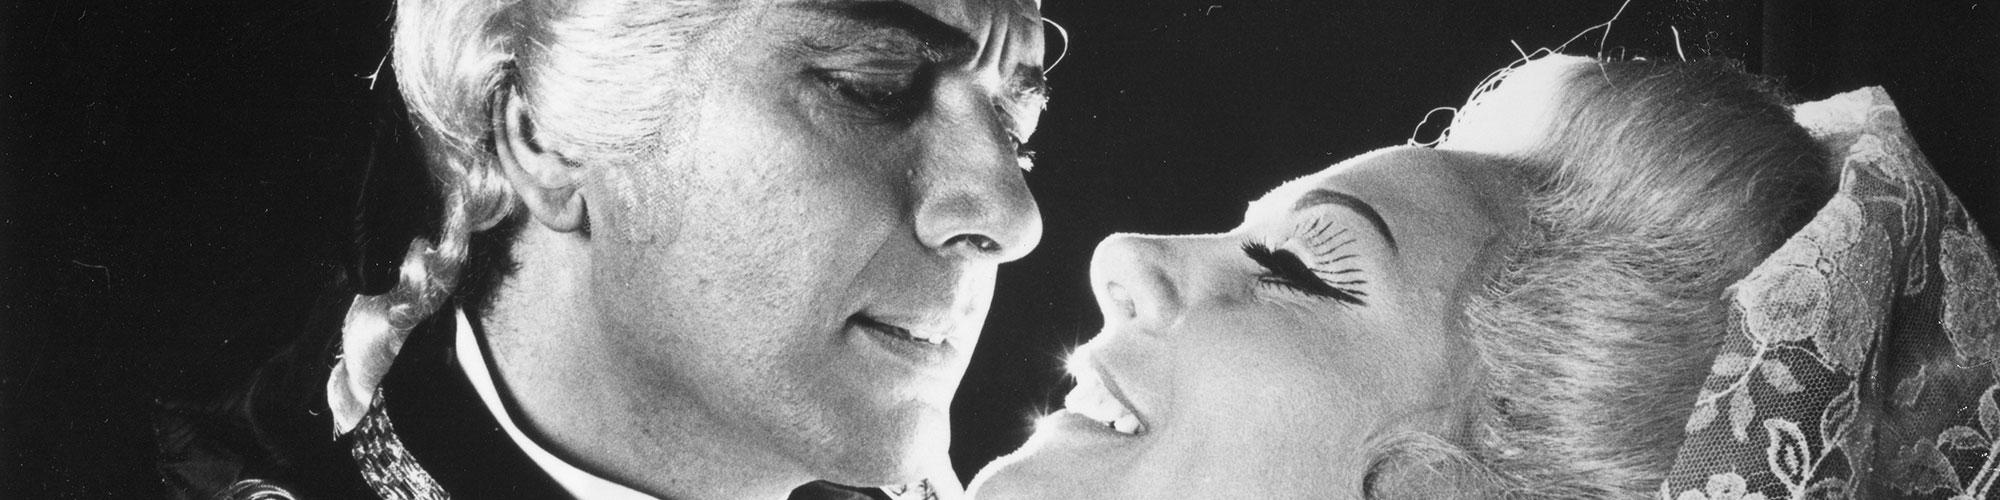 Adriana Lecouvreur con Franco Corelli, Met 1968